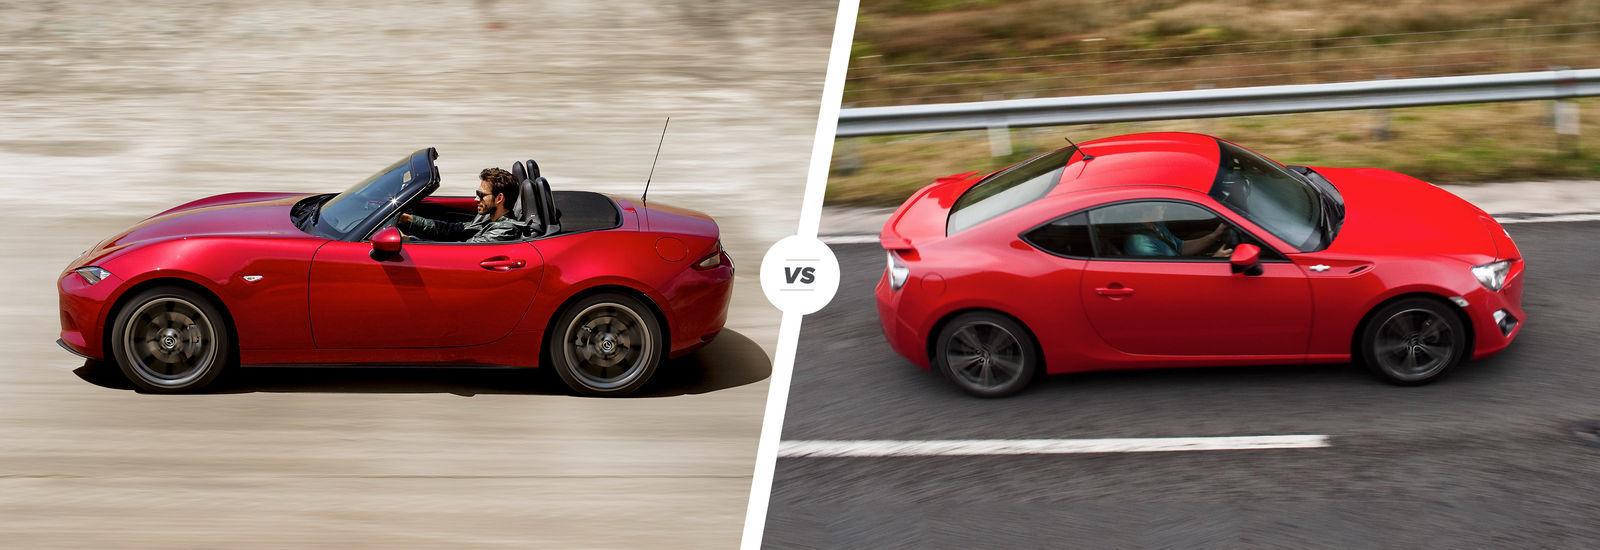 Mazda Mx 5 Vs Toyota Gt86 And Subaru Brz Carwow